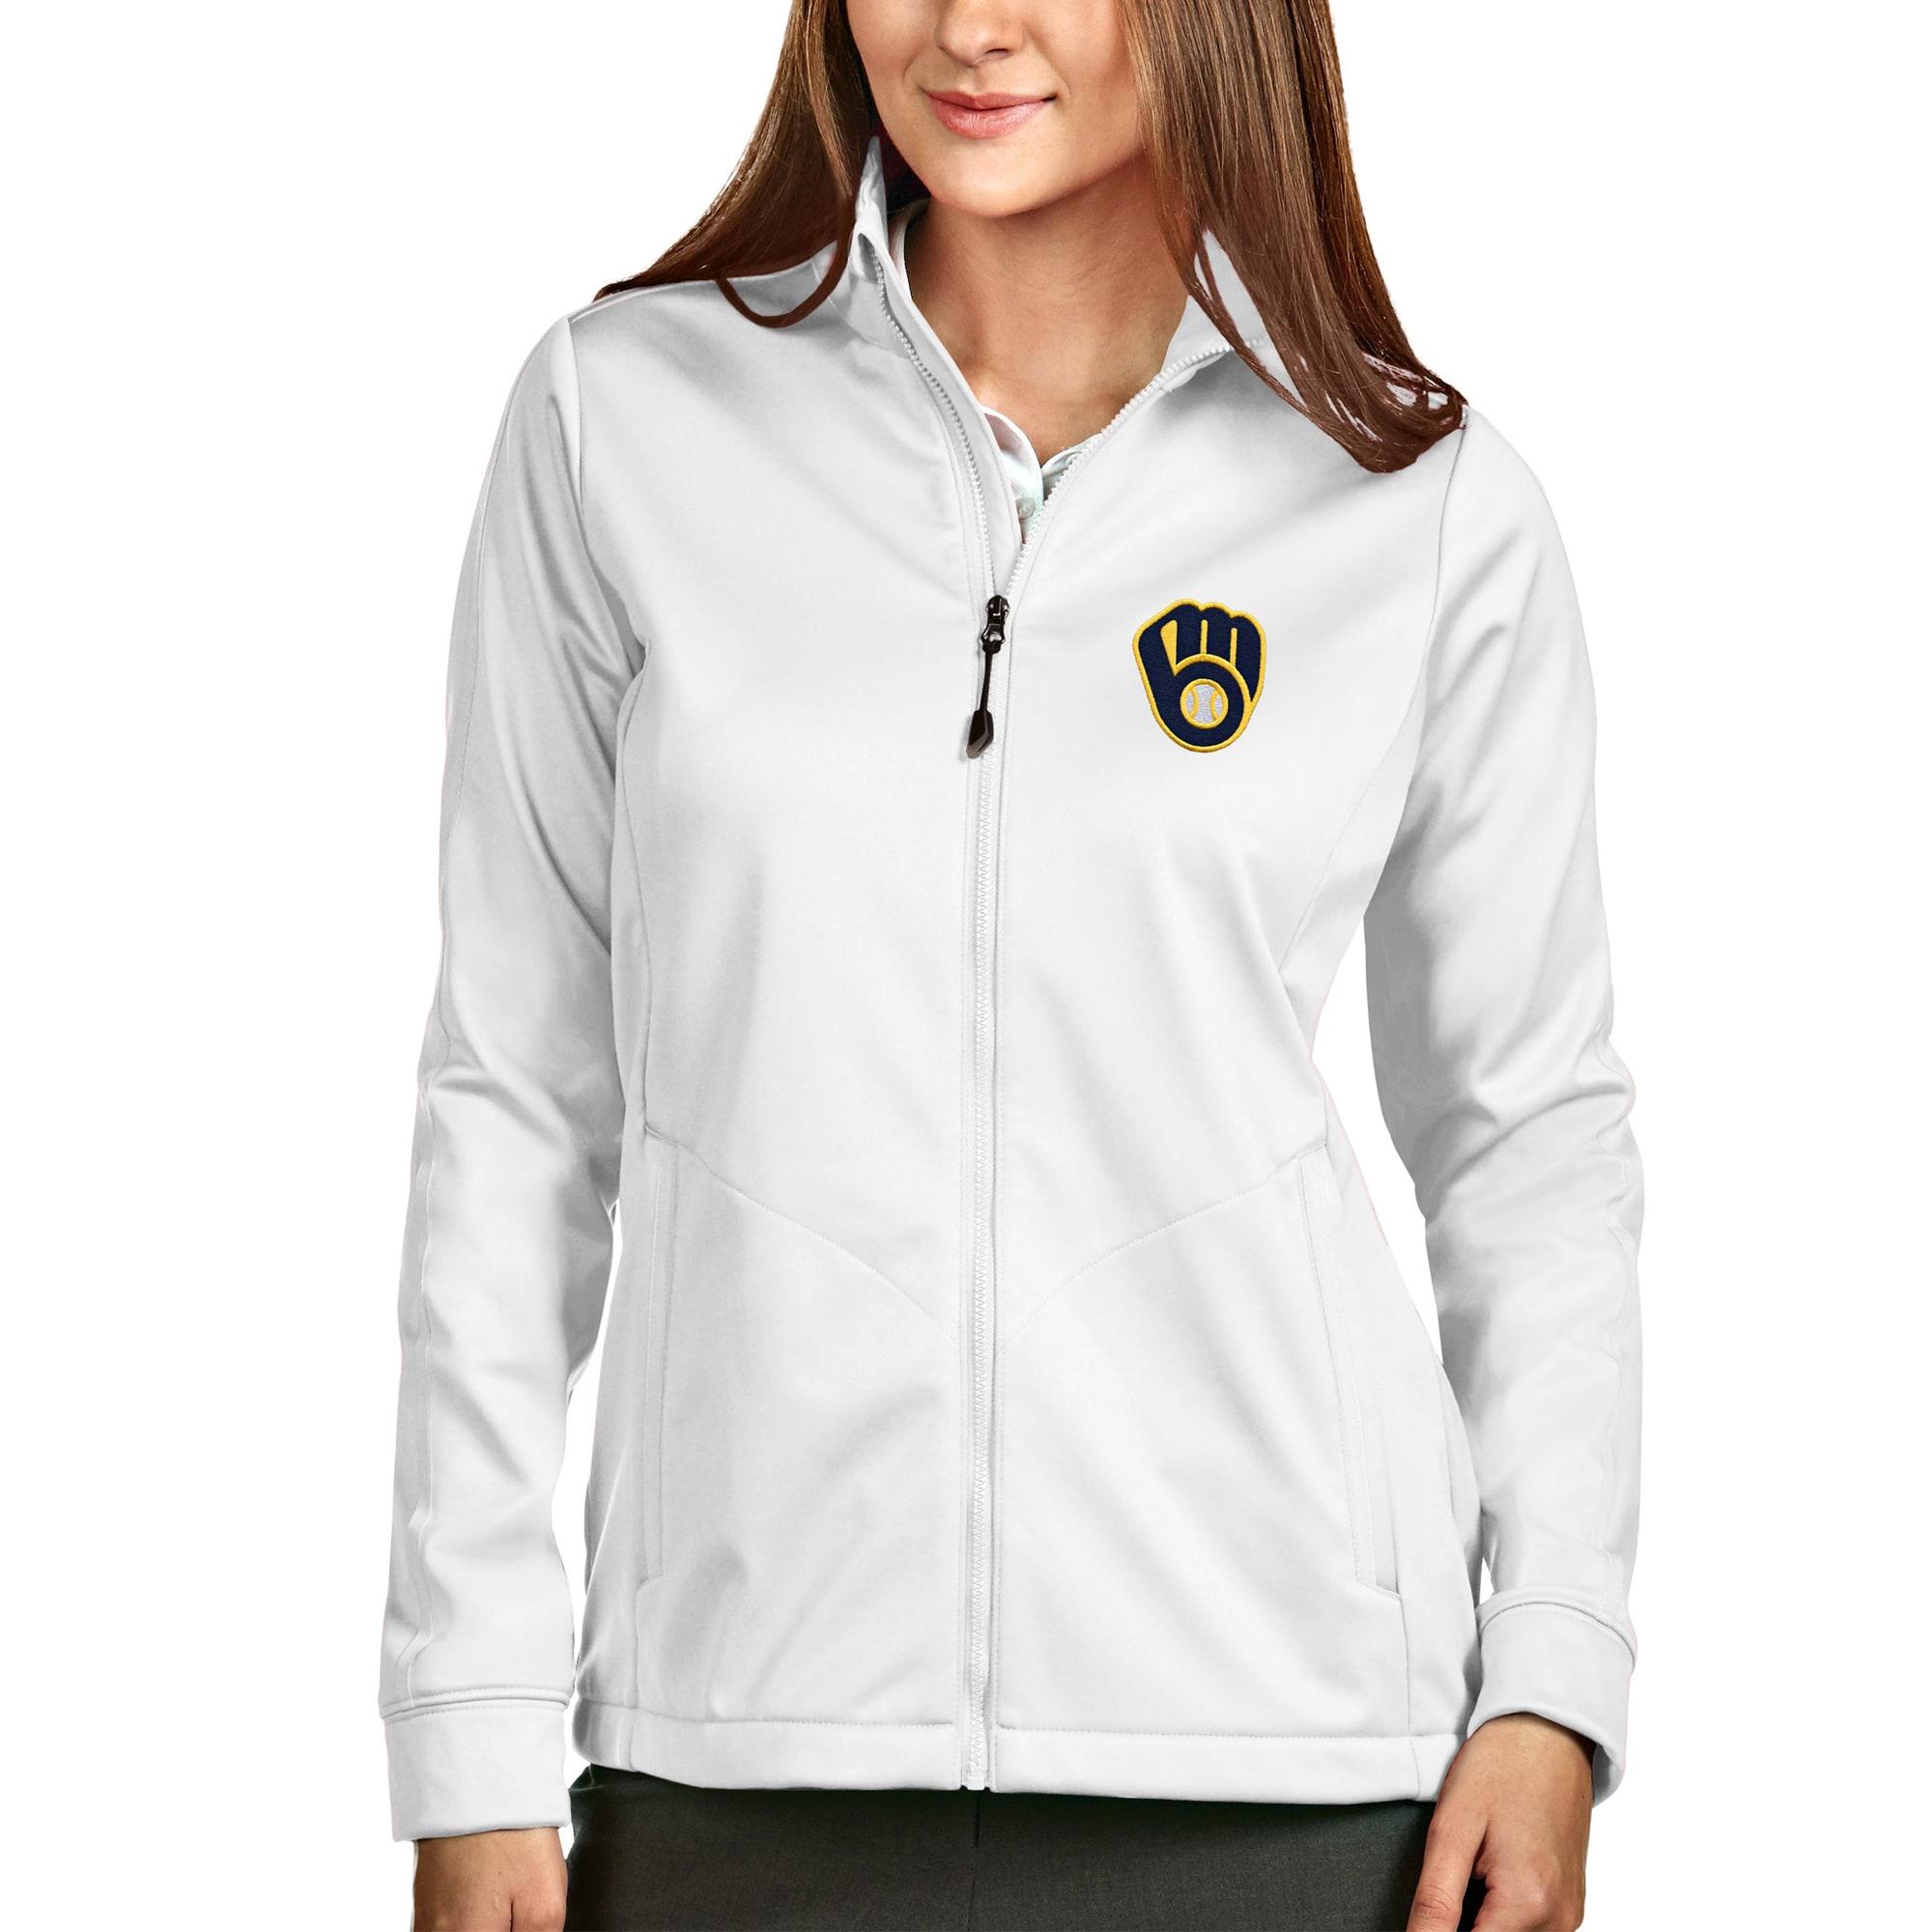 Milwaukee Brewers Antigua Women's Full-Zip Golf Jacket - White